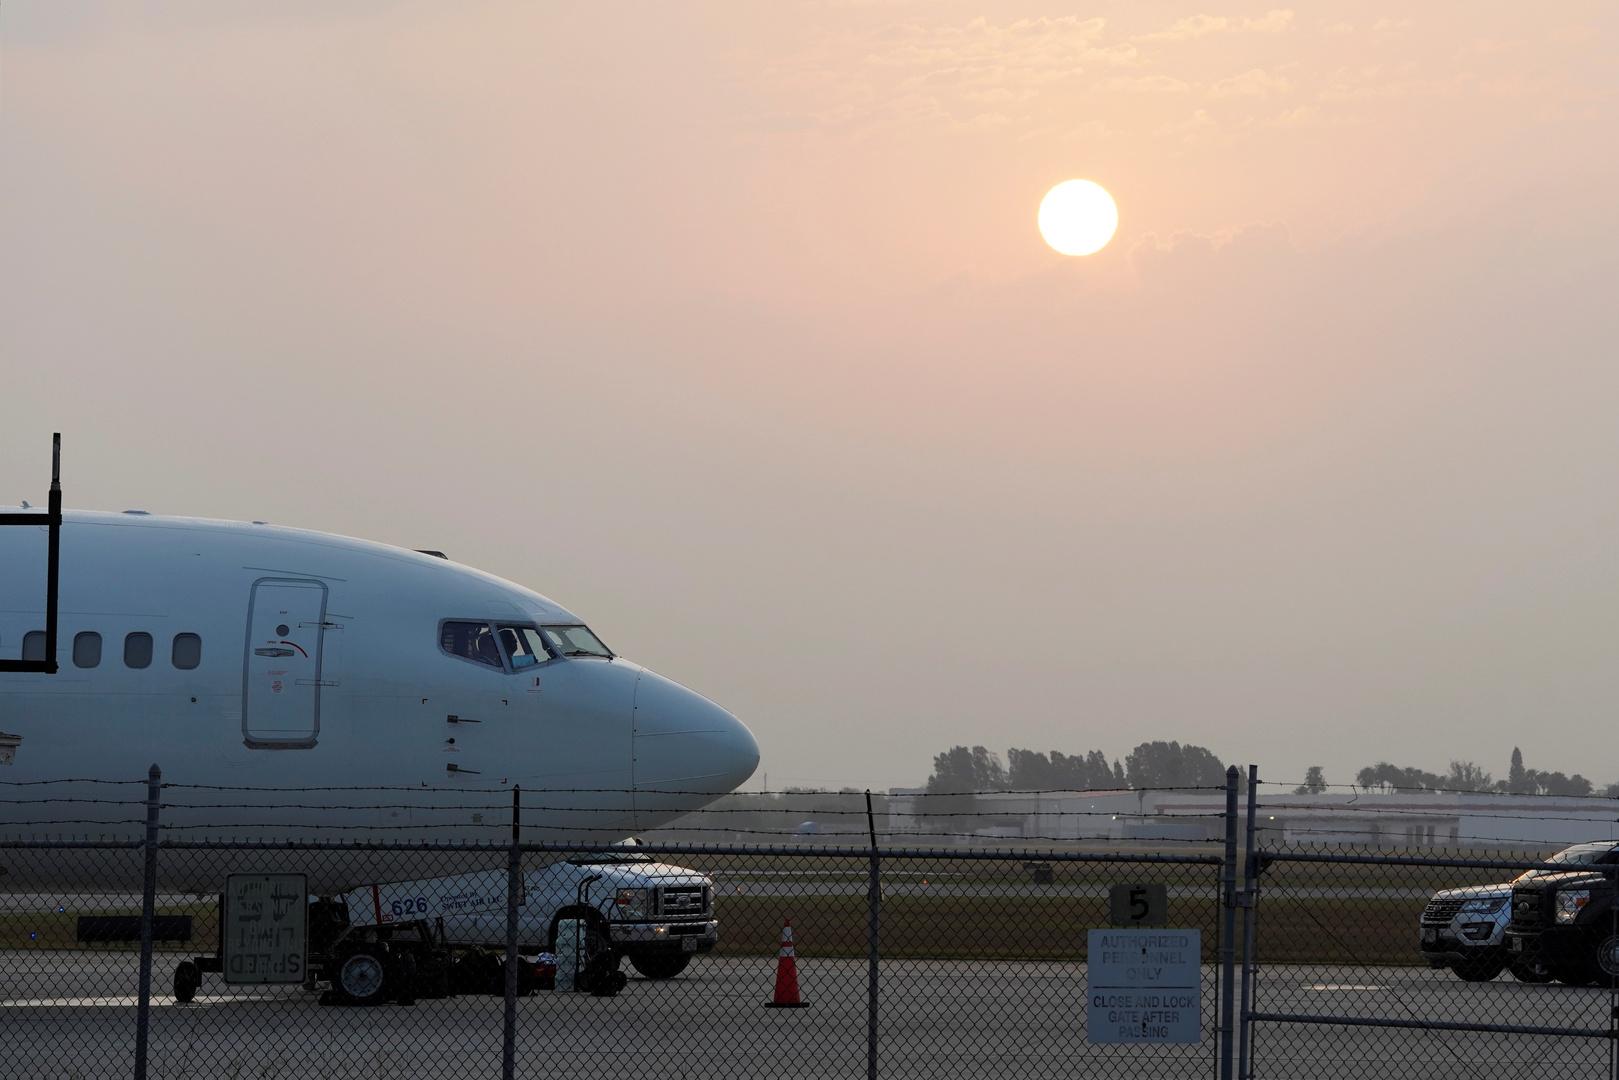 نائب رئيس إياتا: شركات الطيران في الشرق الأوسط وإفريقيا خسرت 23 مليار دولار بسبب كورونا